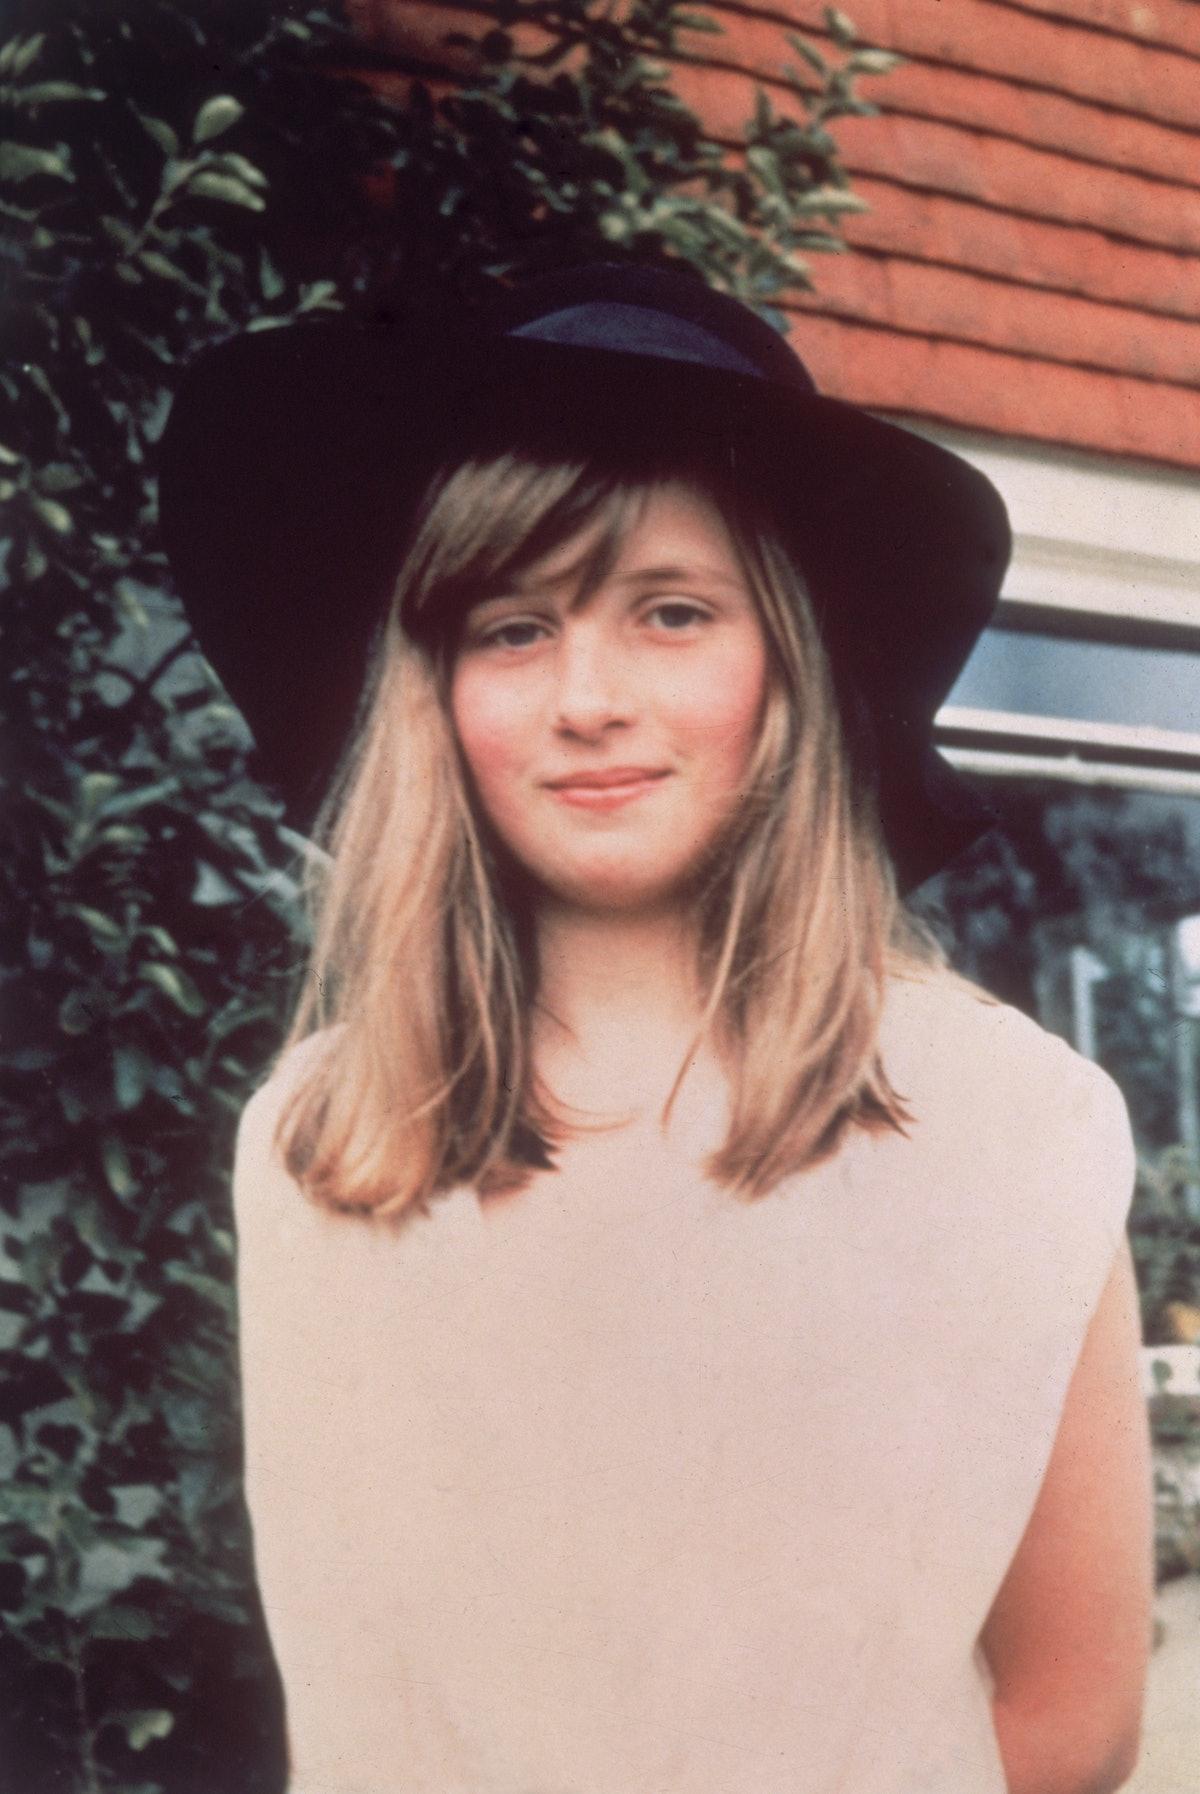 A young Princess Diana